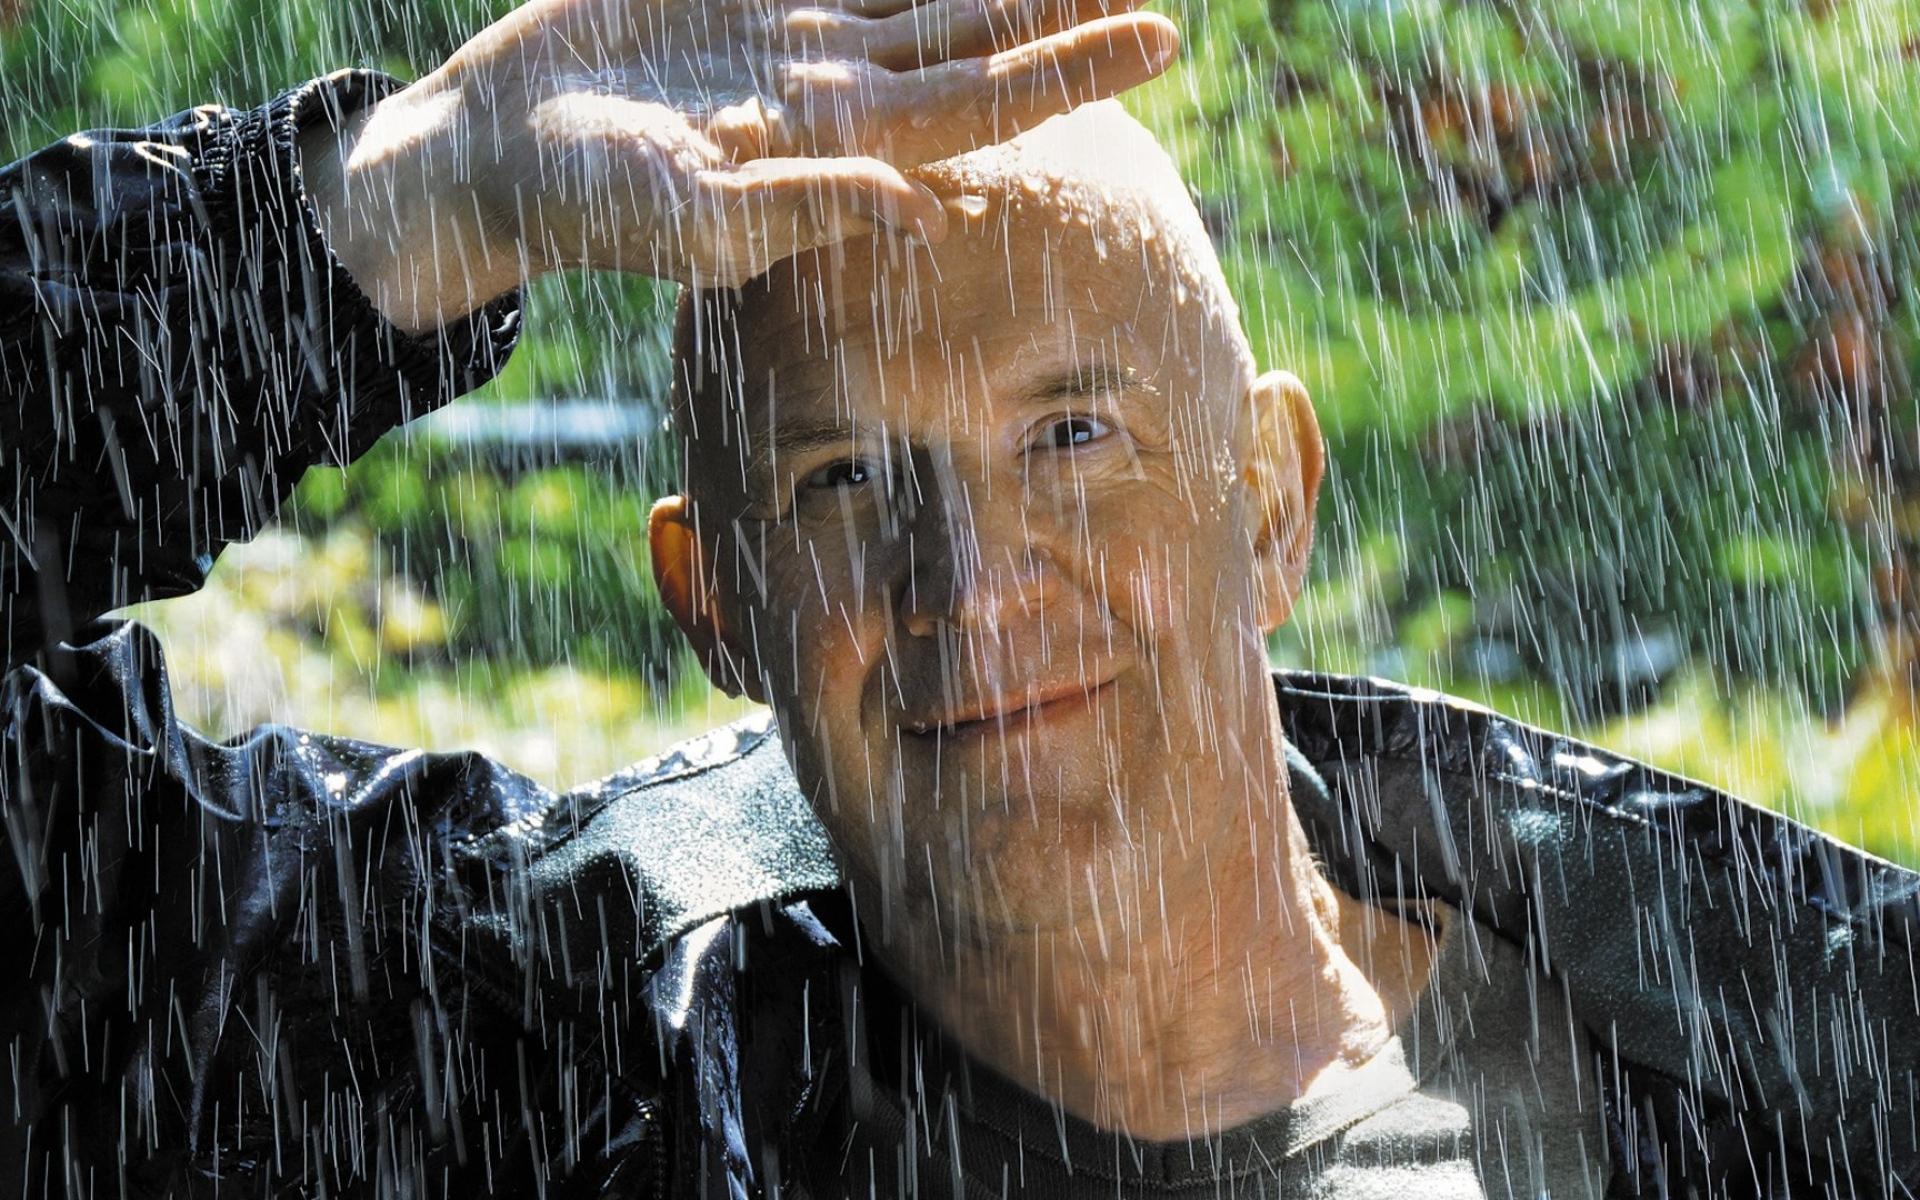 все картинки с дождем и человеком скором времени все